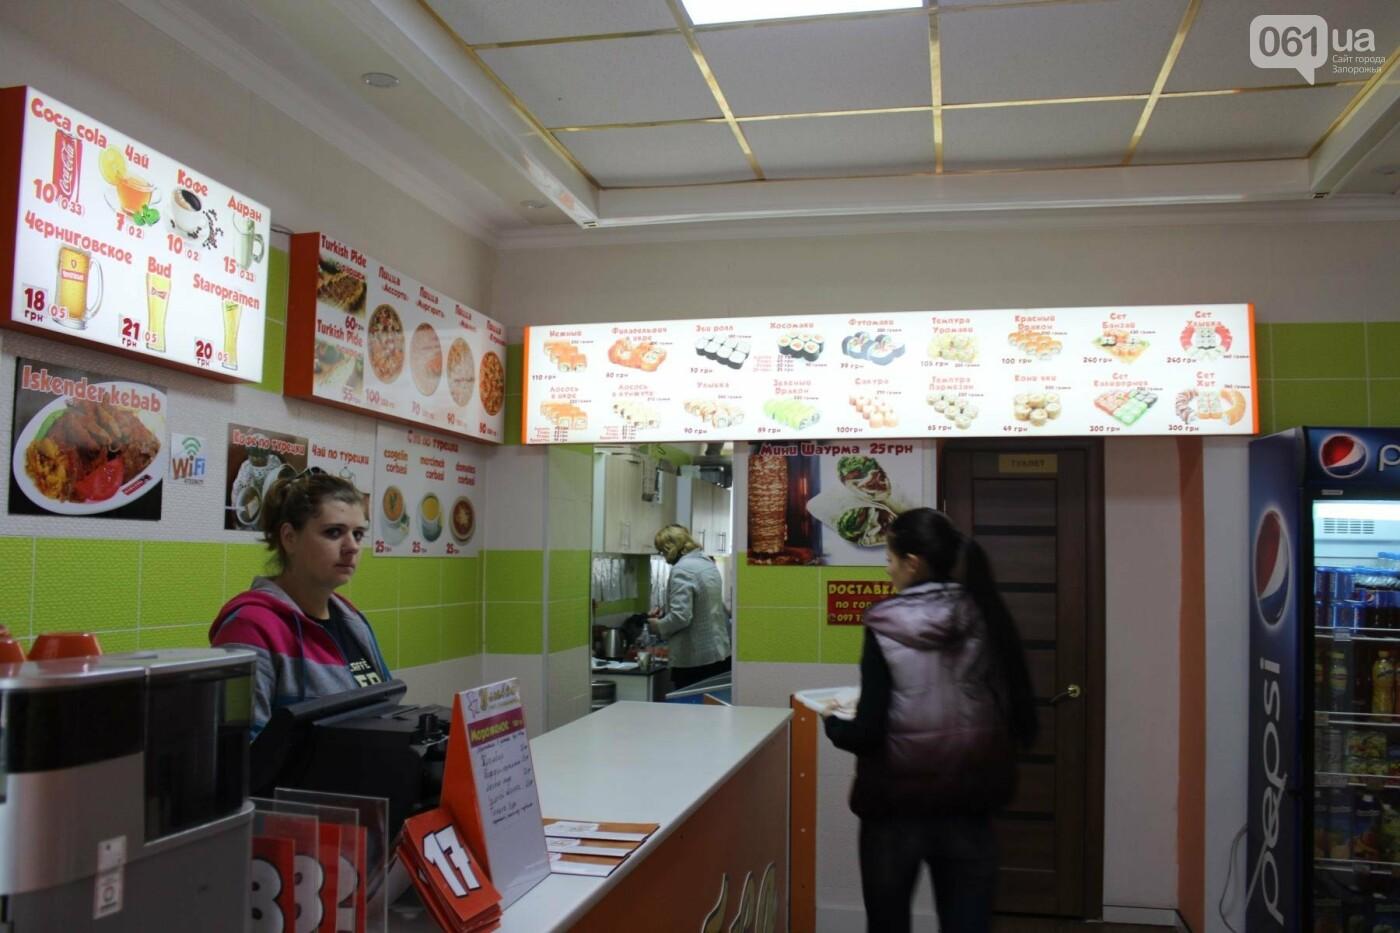 Как там в Токмаке: репортаж из официально депрессивного города, фото-55